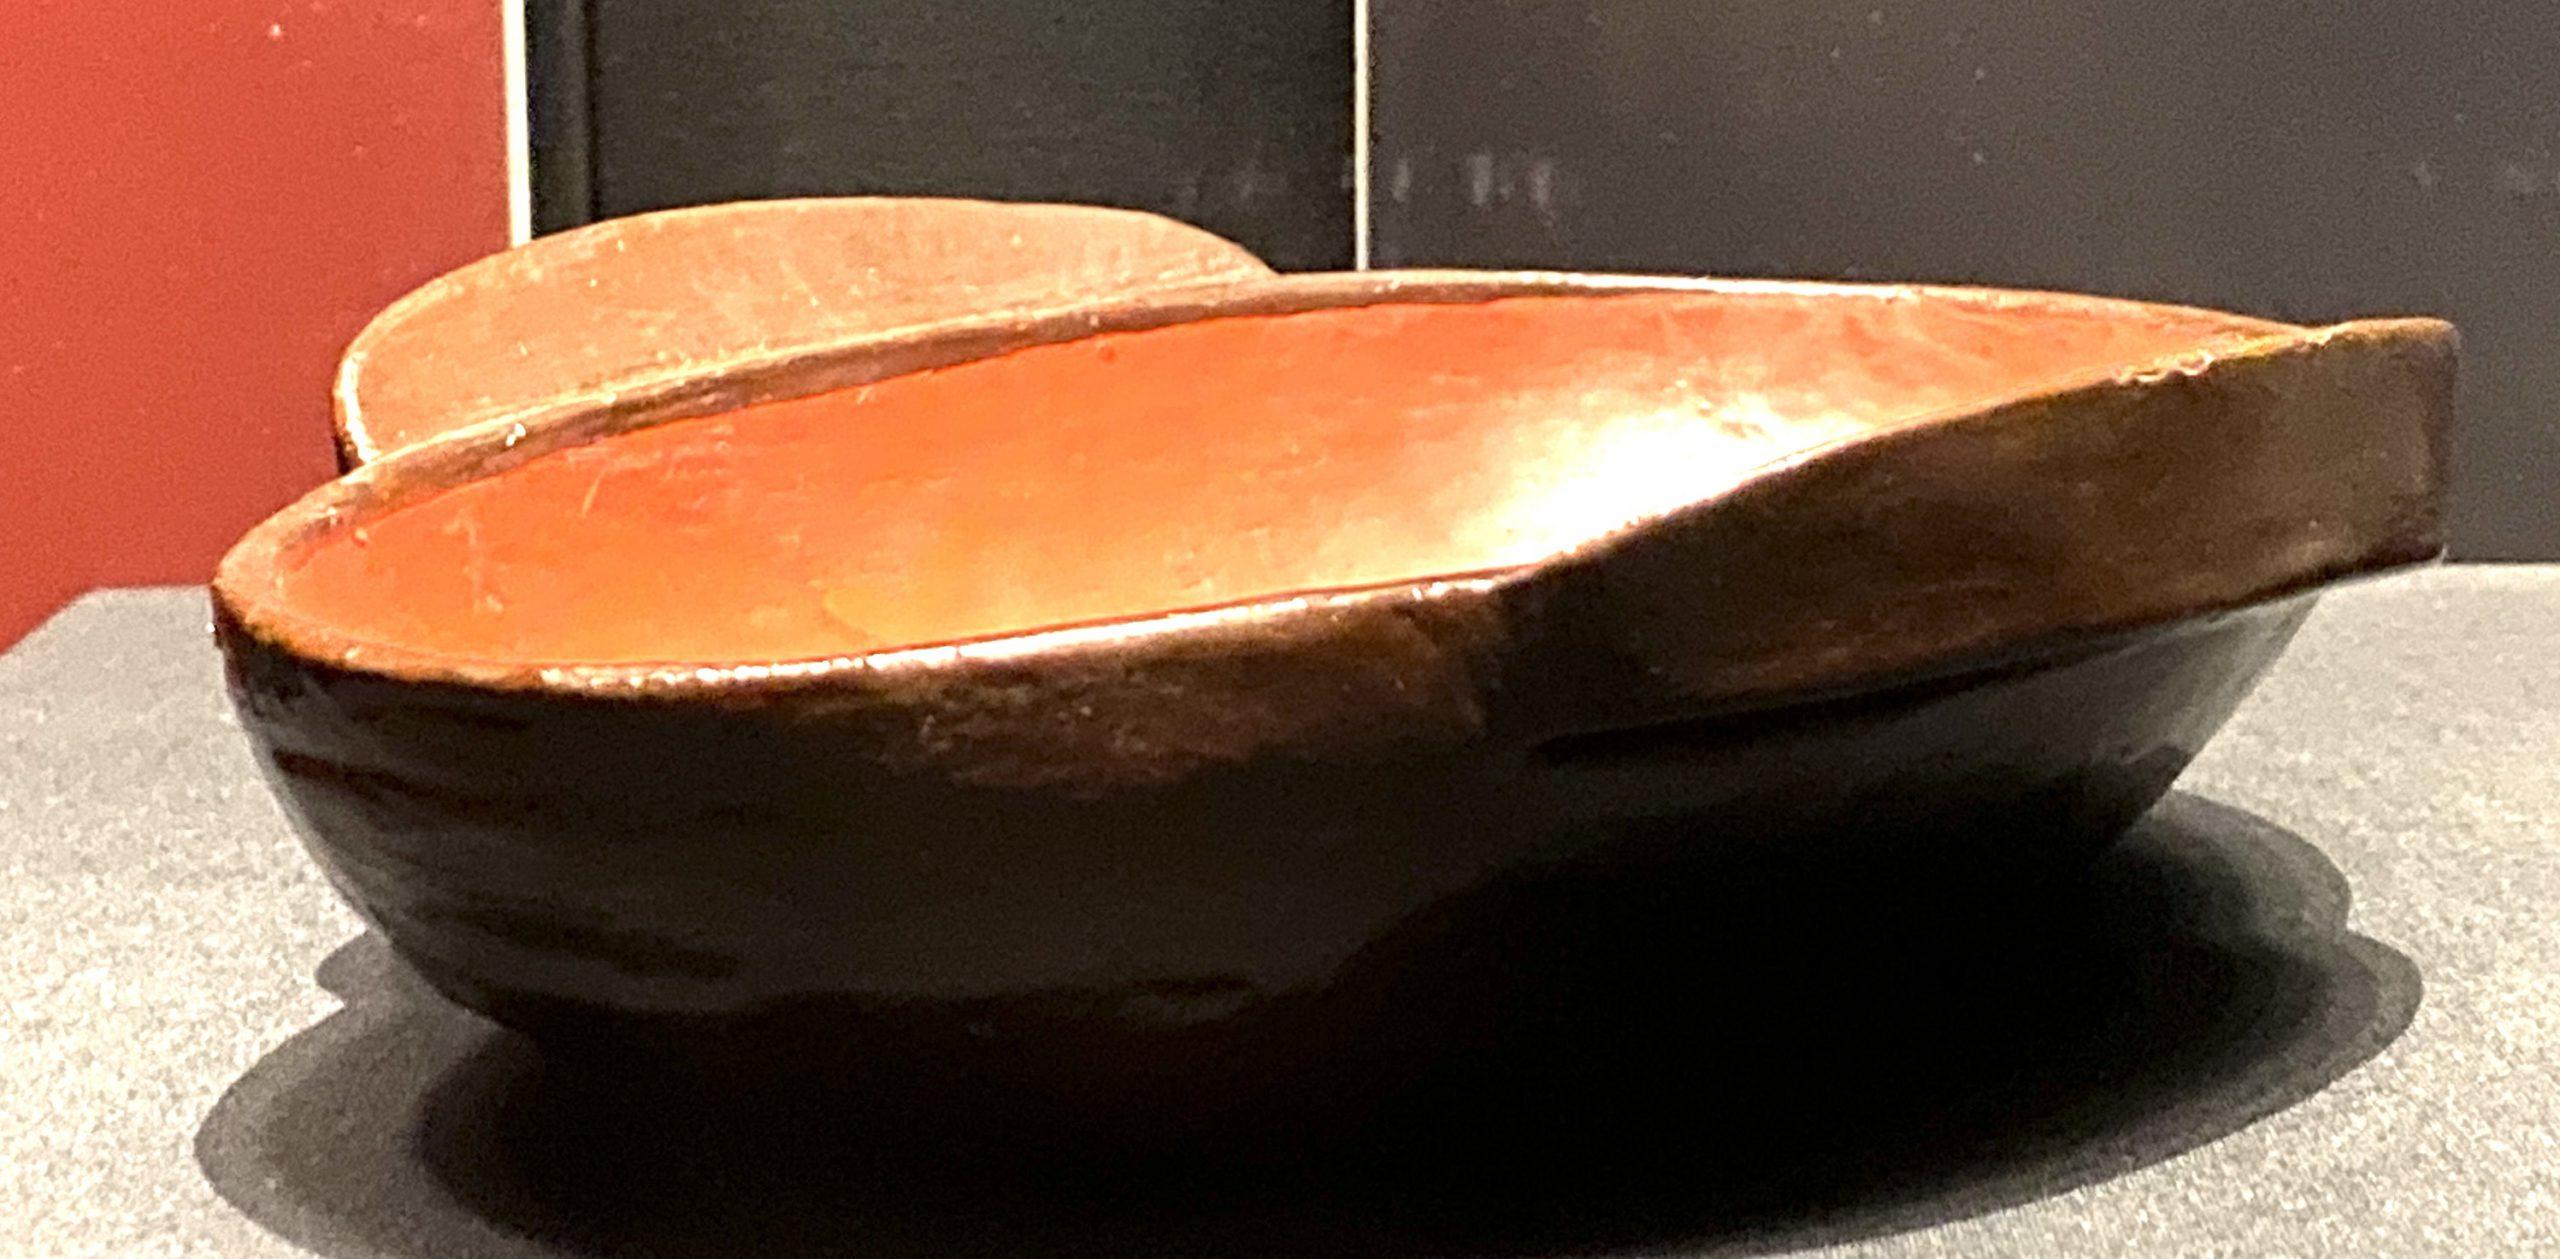 漆耳杯-【列備五都-秦漢時代の中国都市】-成都博物館-四川成都